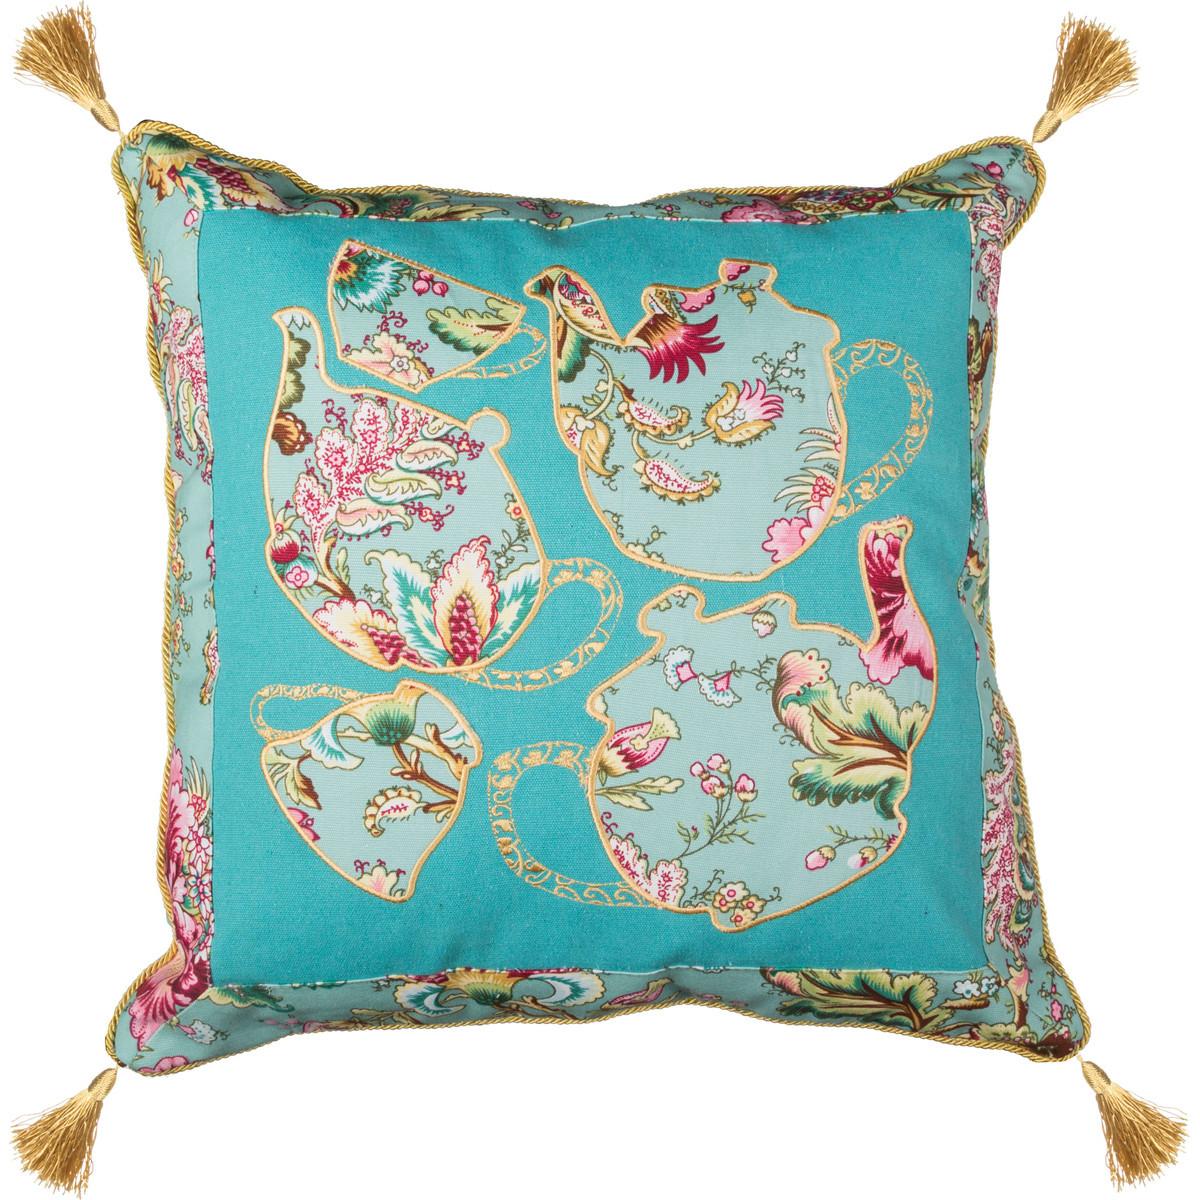 Декоративные подушки Santalino Декоративная подушка Розовый Сад (46х46) подушки на стул santalino подушка на стул розовый сад 38х38